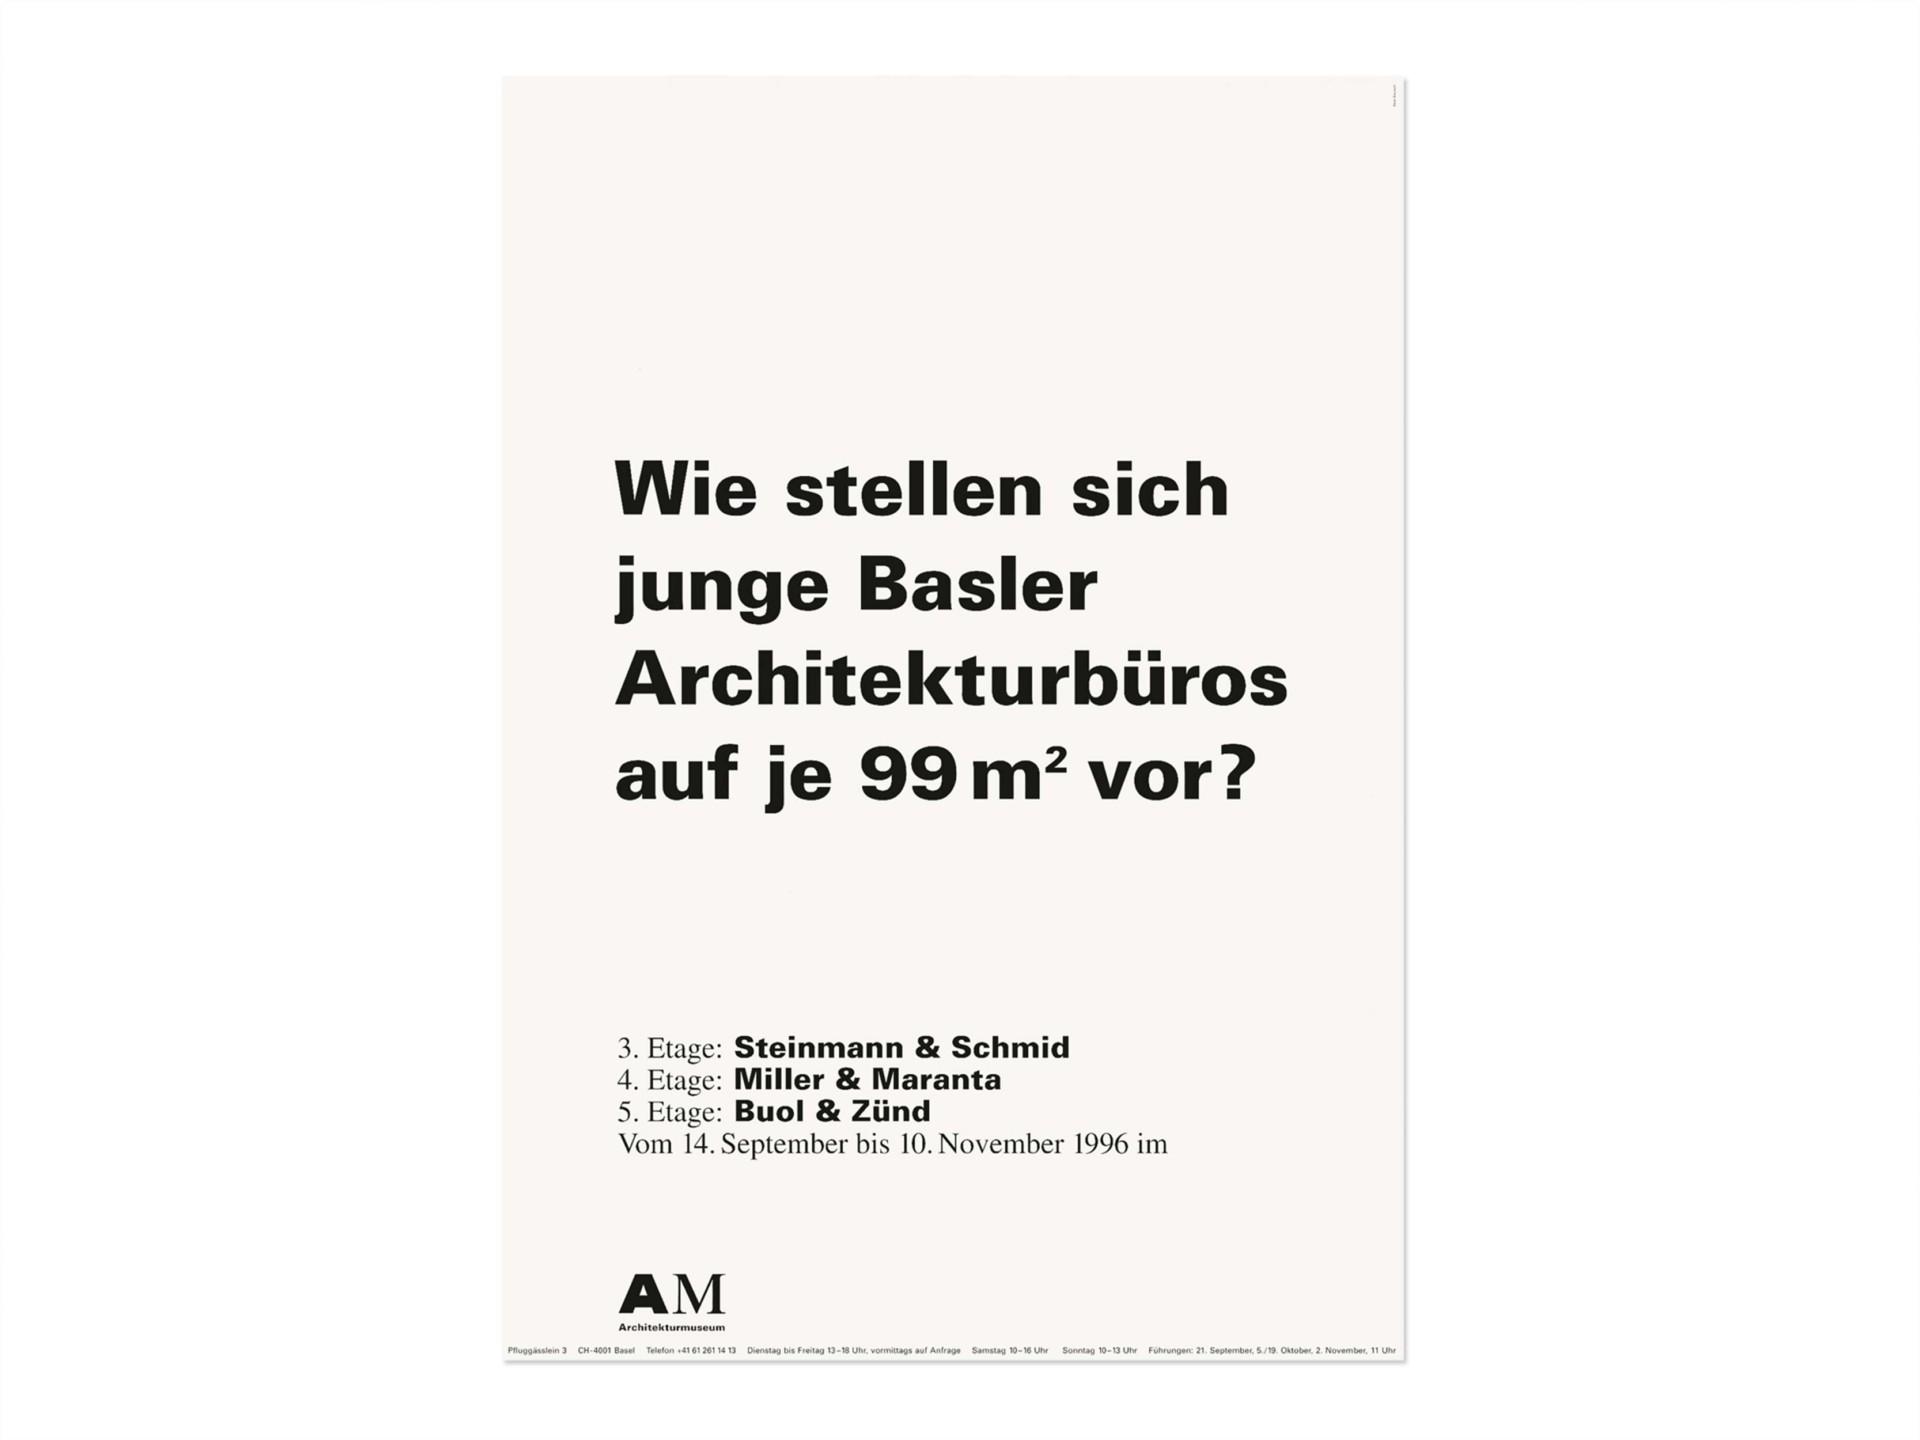 BKVK Schweizerisches Architekturmuseum — Erscheinungsbild